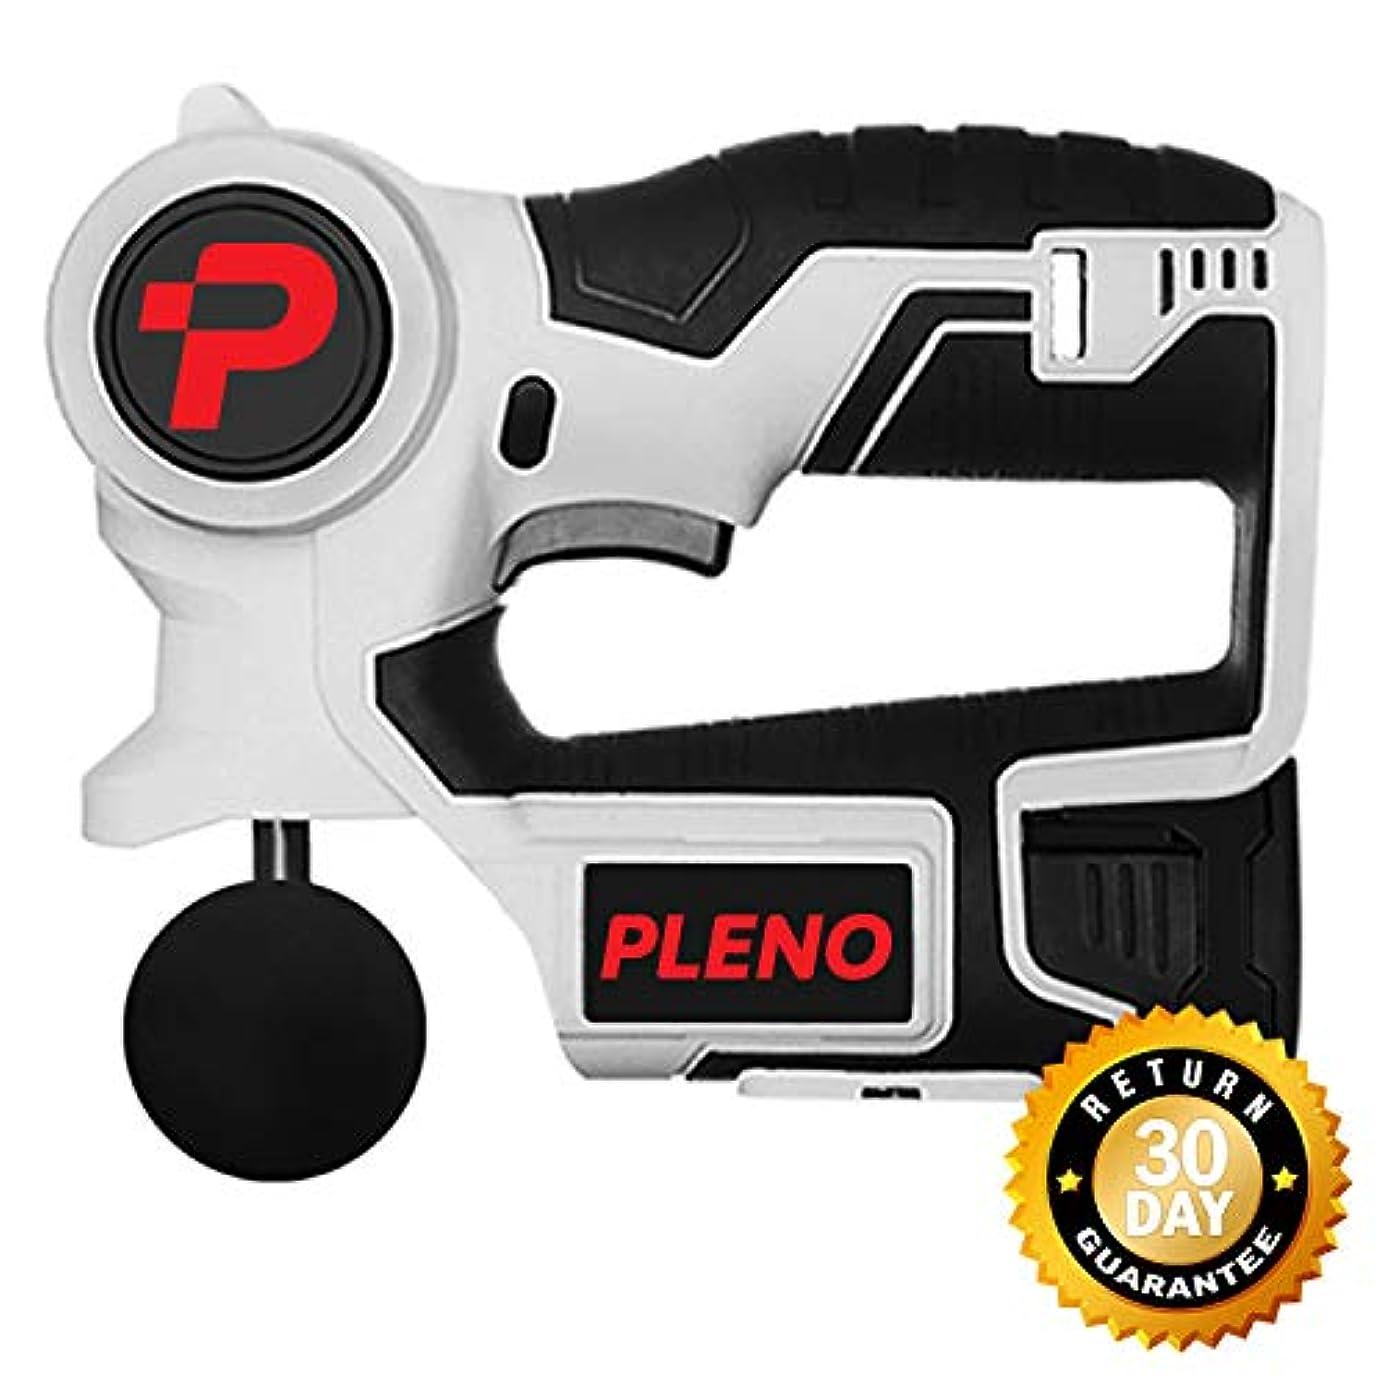 副穴おんどりProfessional Deep Muscle Massager: Pleno M3.0 Powerful Handheld Tissue Massager Gun,コードレスで筋肉を刺激 141[並行輸入]